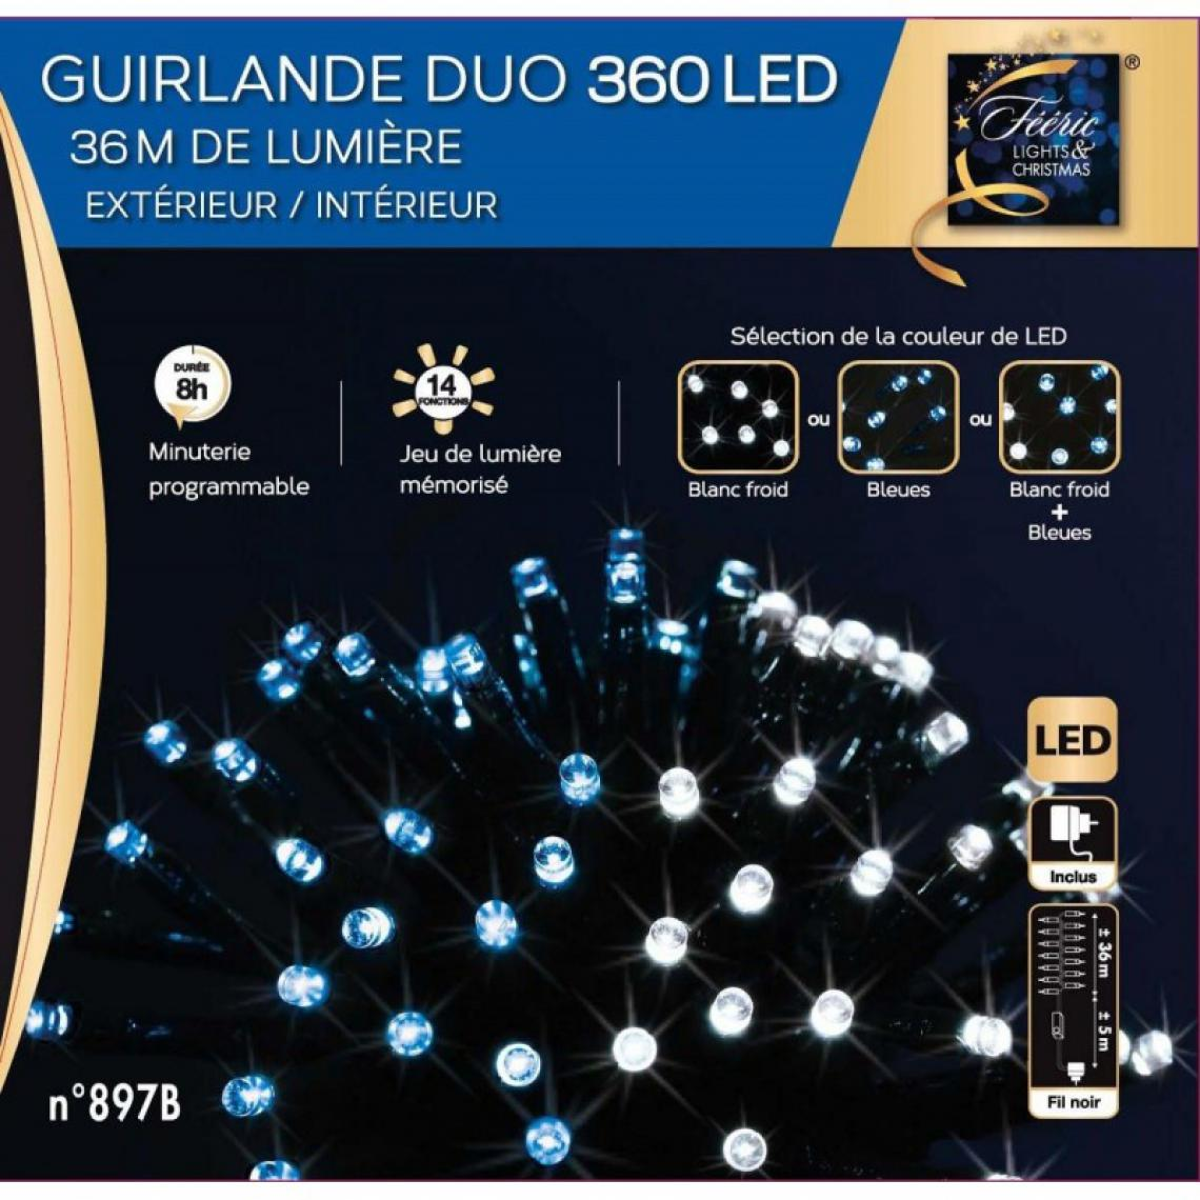 Jardideco Guirlande de Noël extérieur Duo LED 36 m Blanc froid / Bleu